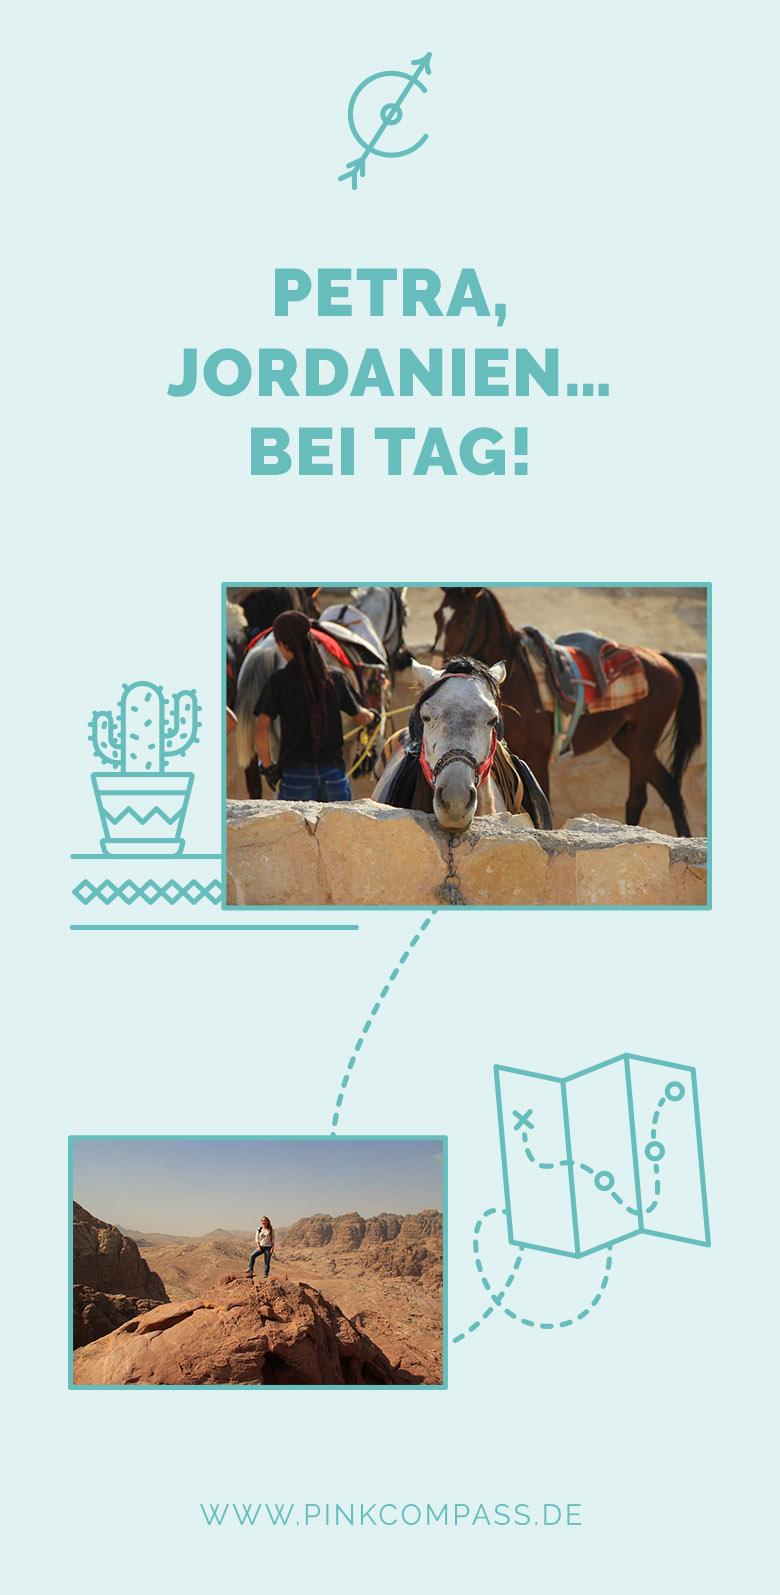 Darauf musst Du achten, wenn Du nach Petra, Jordanien reist - bei Tag!